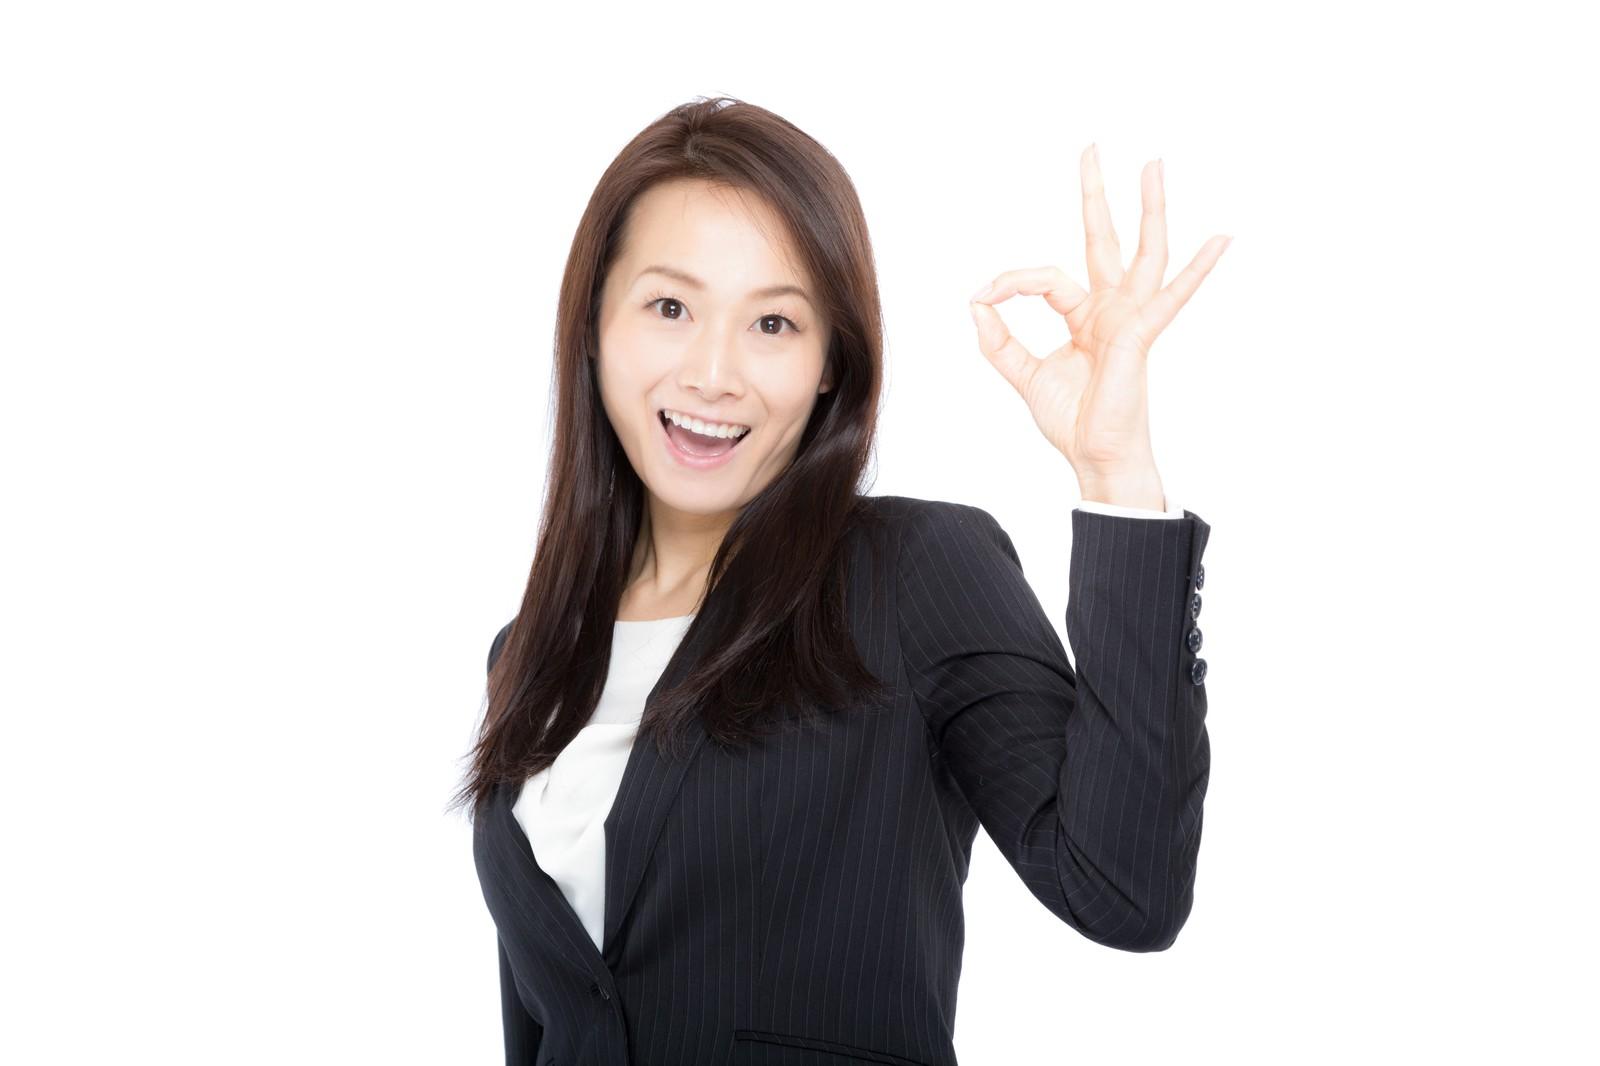 女性役員候補の画像